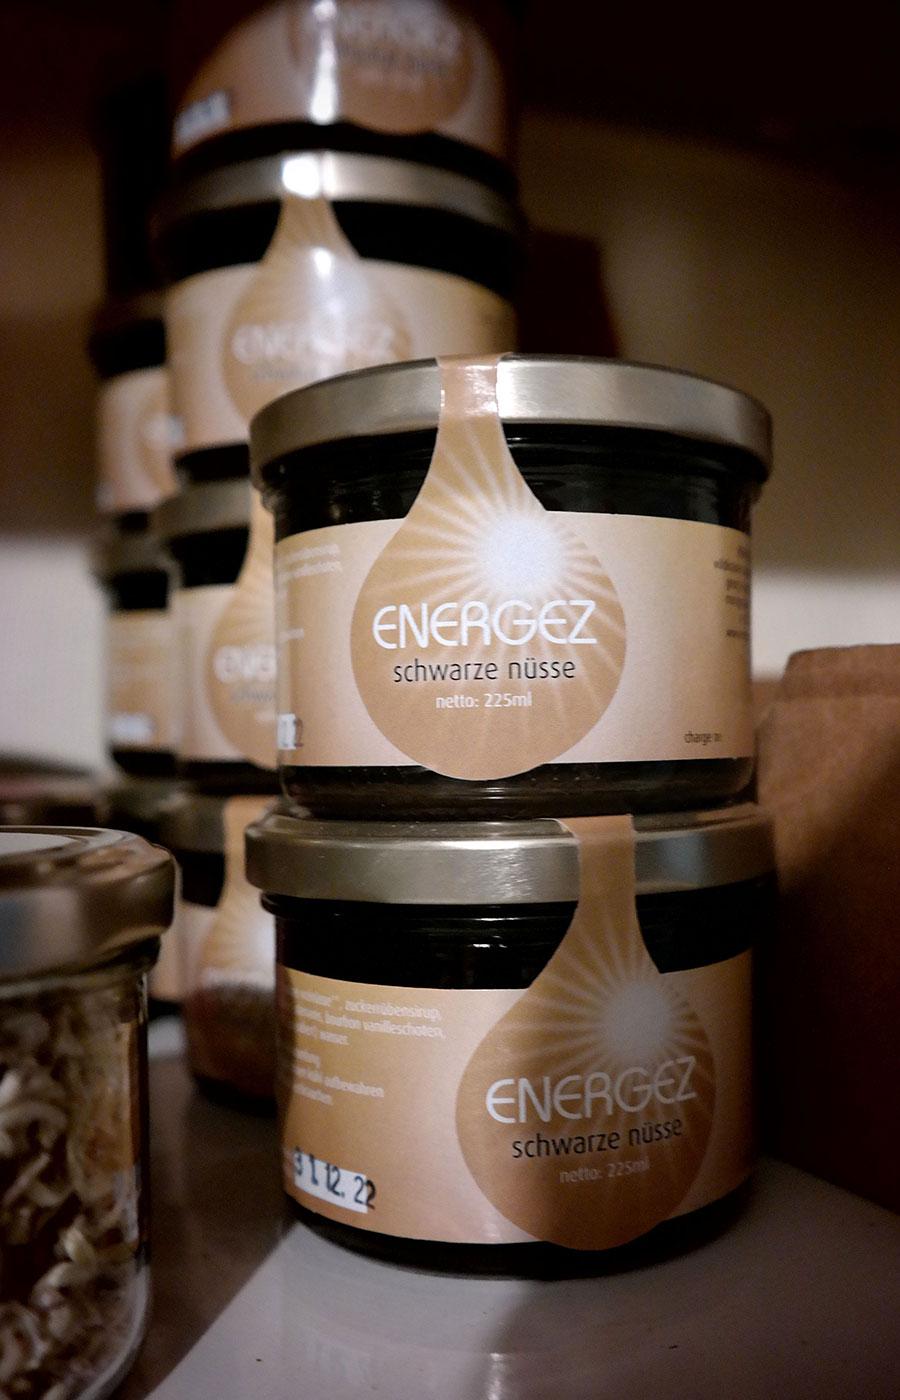 Energez